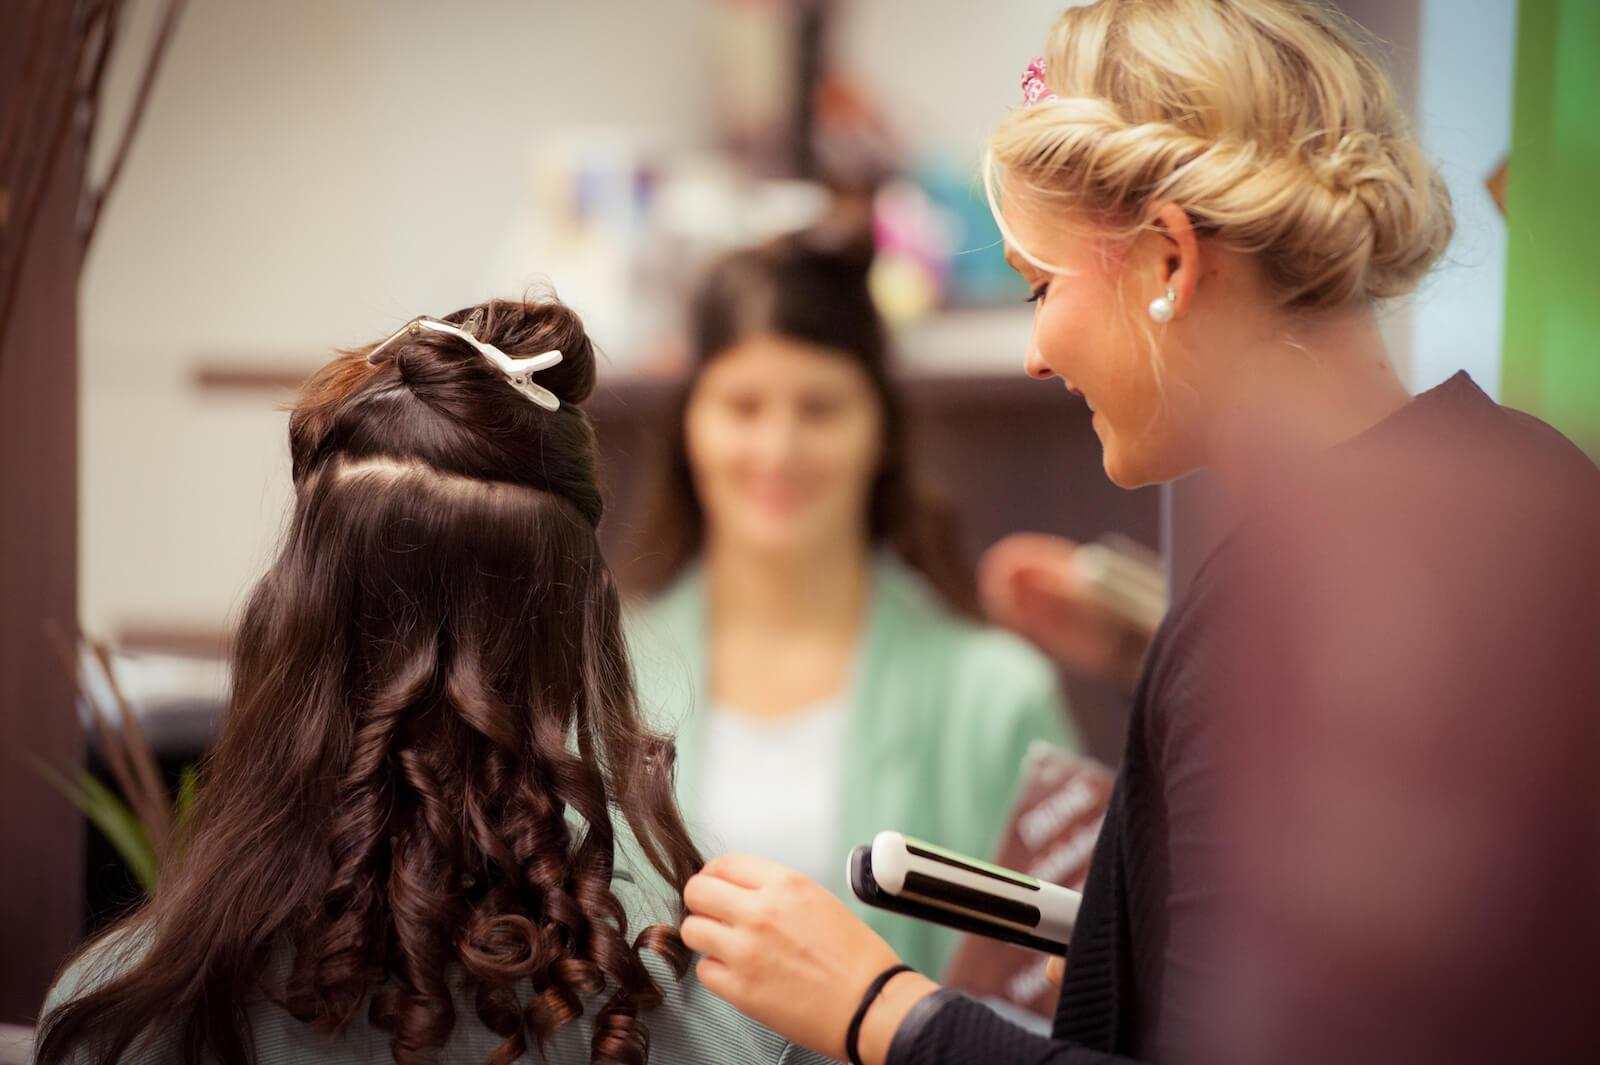 kirchliche Trauung in Landsberg - der Braut werden die Haare gestylt